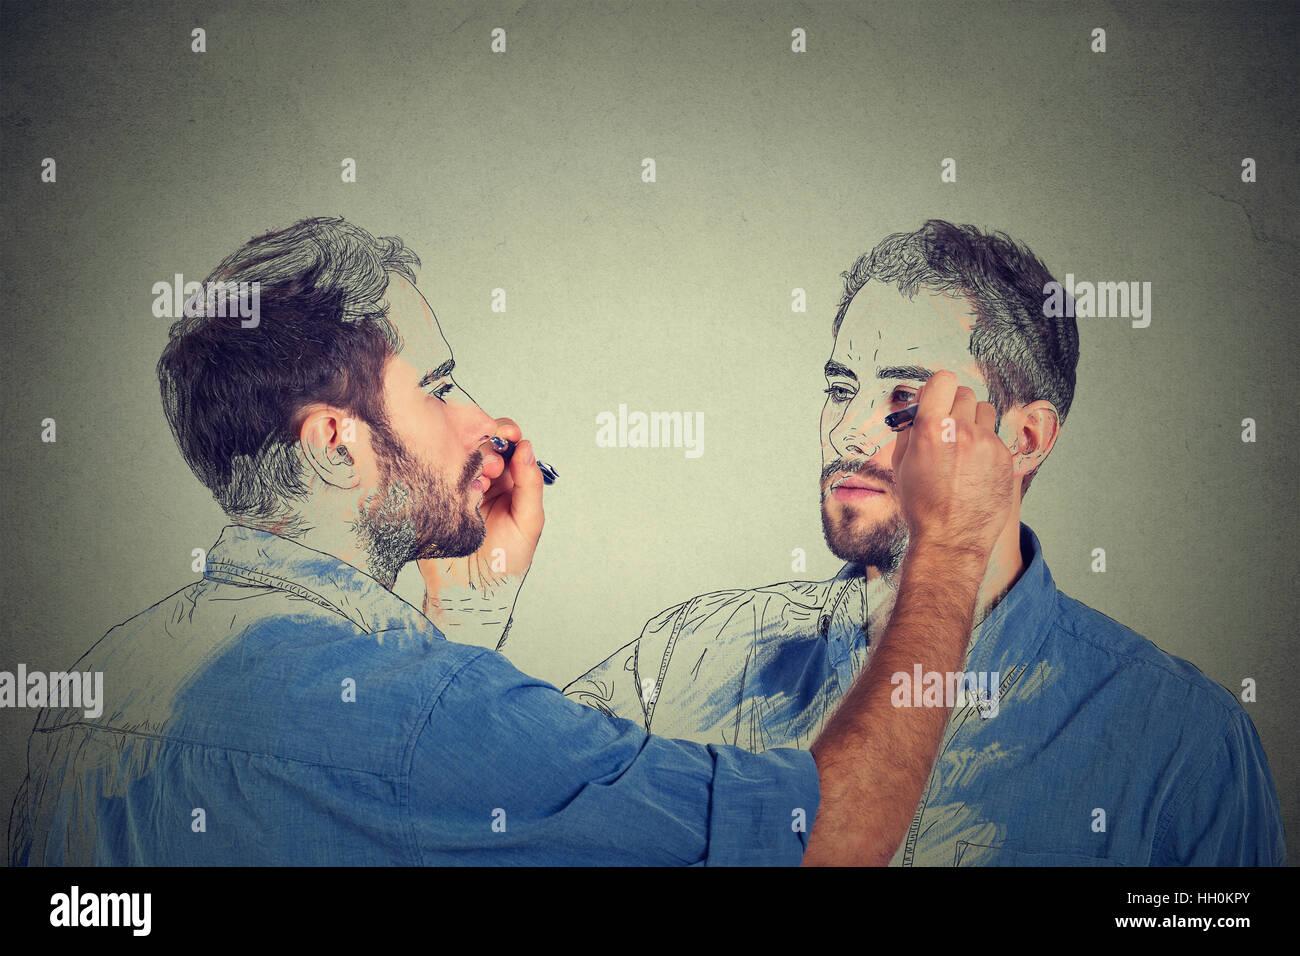 Creare tu stesso concetto. Buona ricerca giovane uomo il disegno di una foto, schizzo di se stesso sul muro grigio Immagini Stock